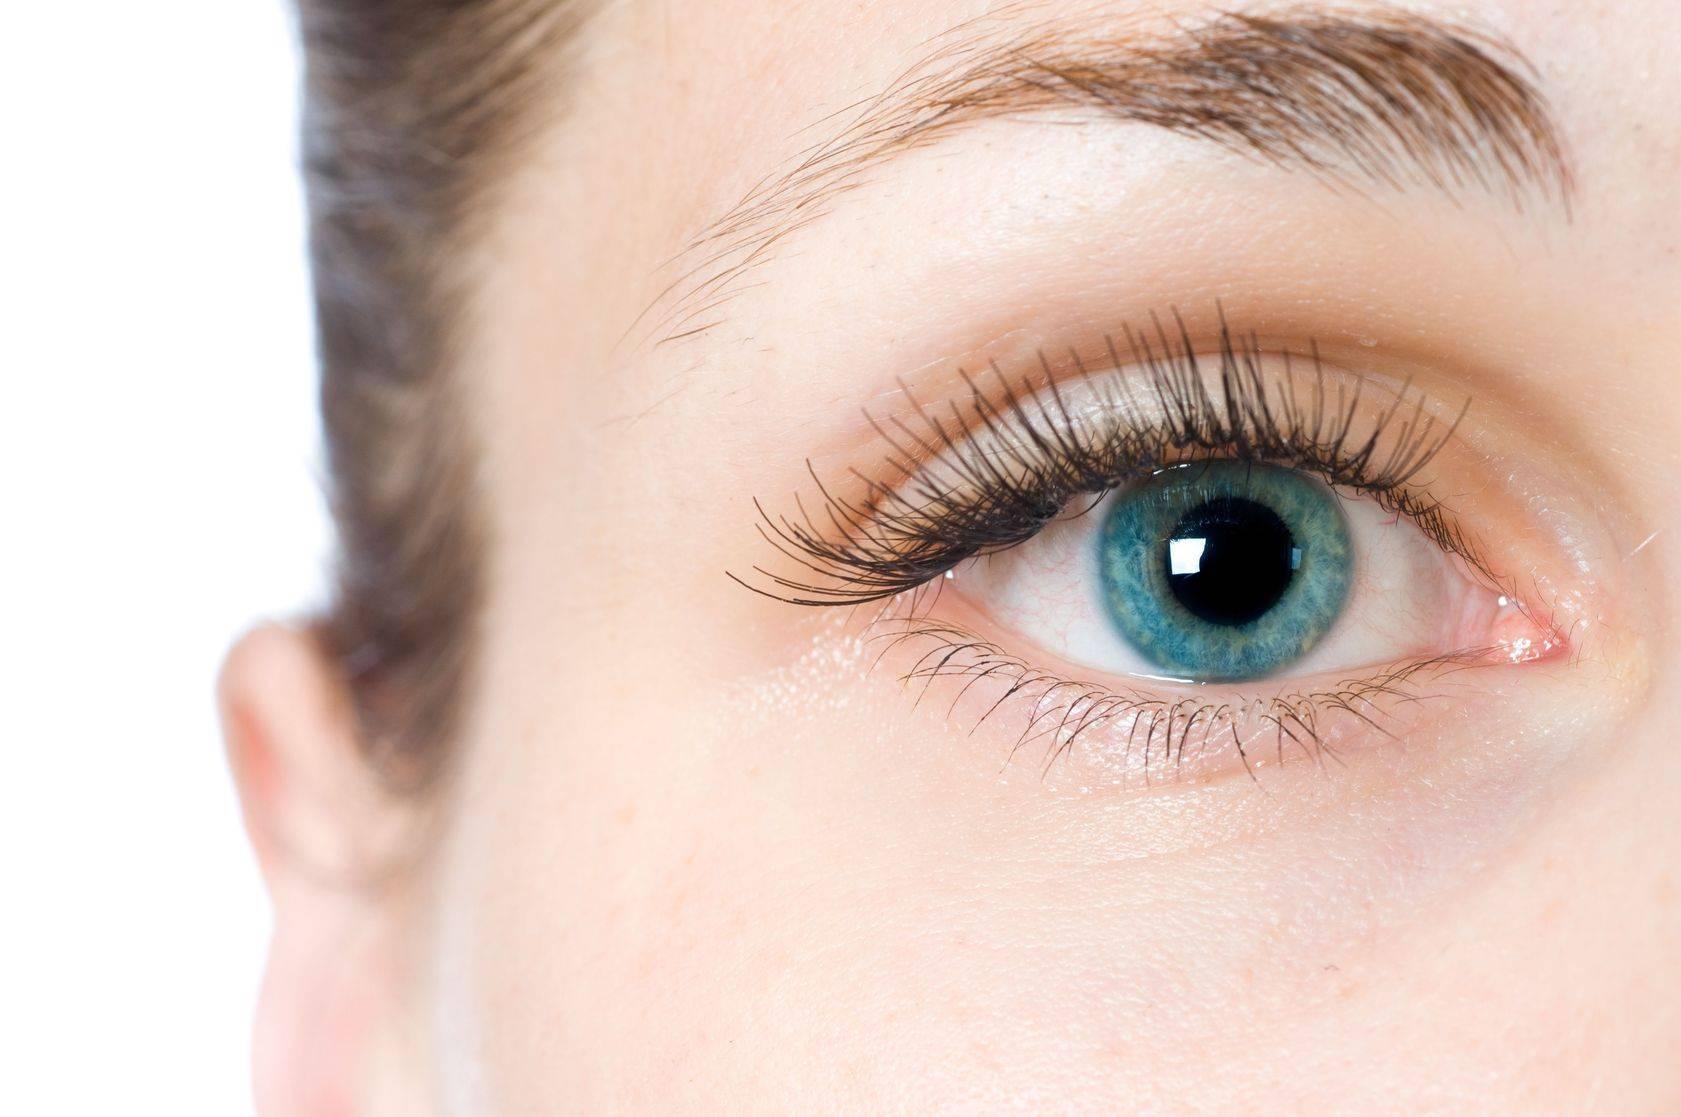 Причины появления и лечение пелены перед глазами